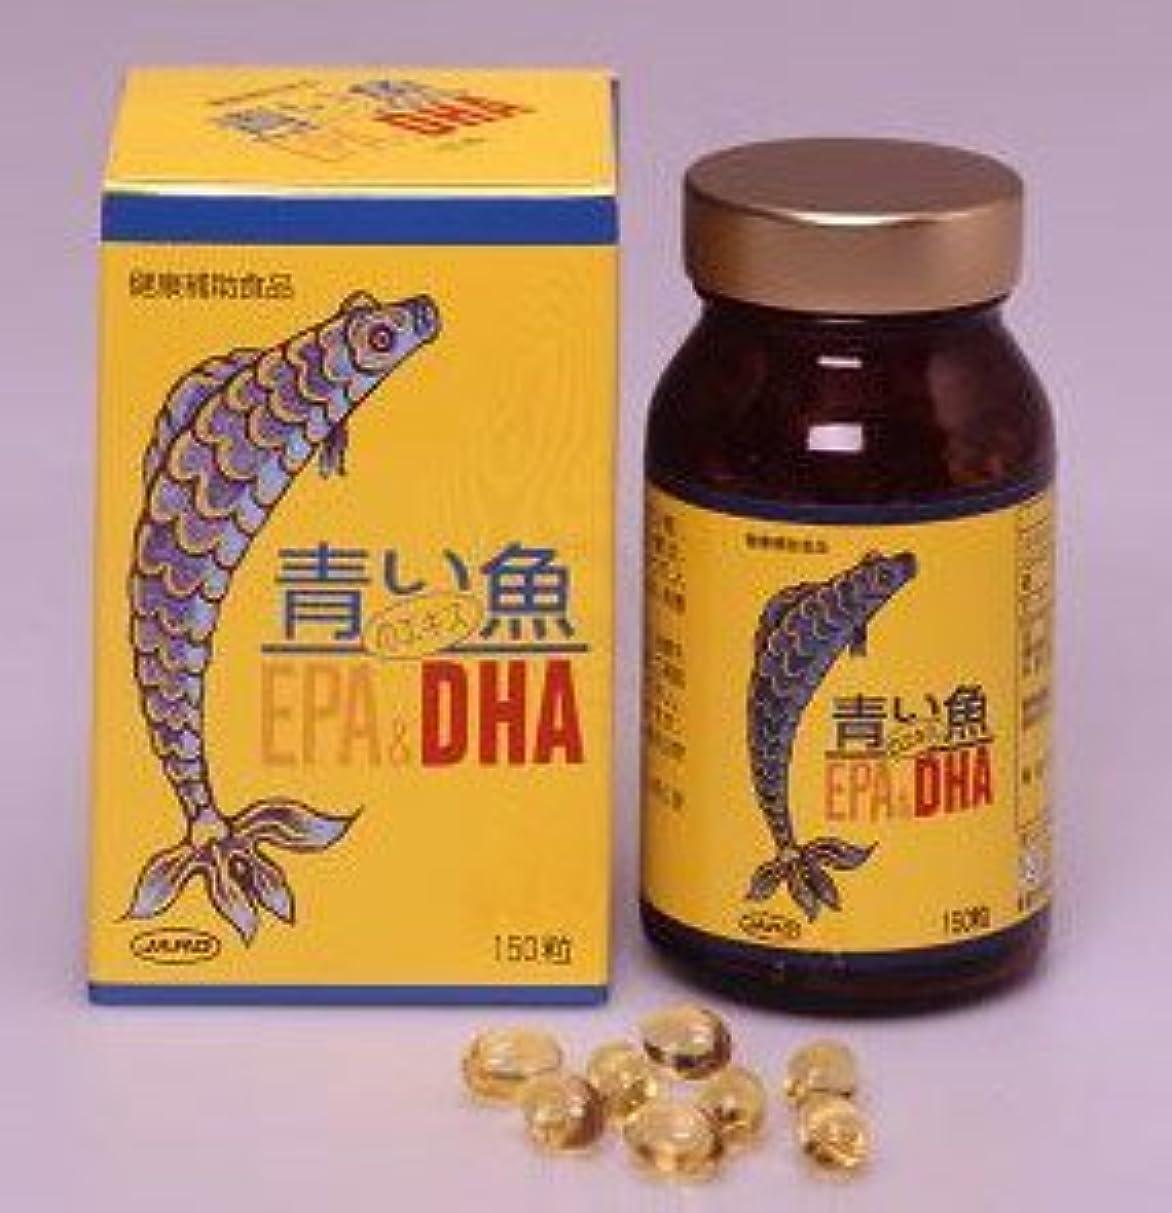 そっとかんたん出発する青い魚のエキスEPA&DHA(単品)ジャード